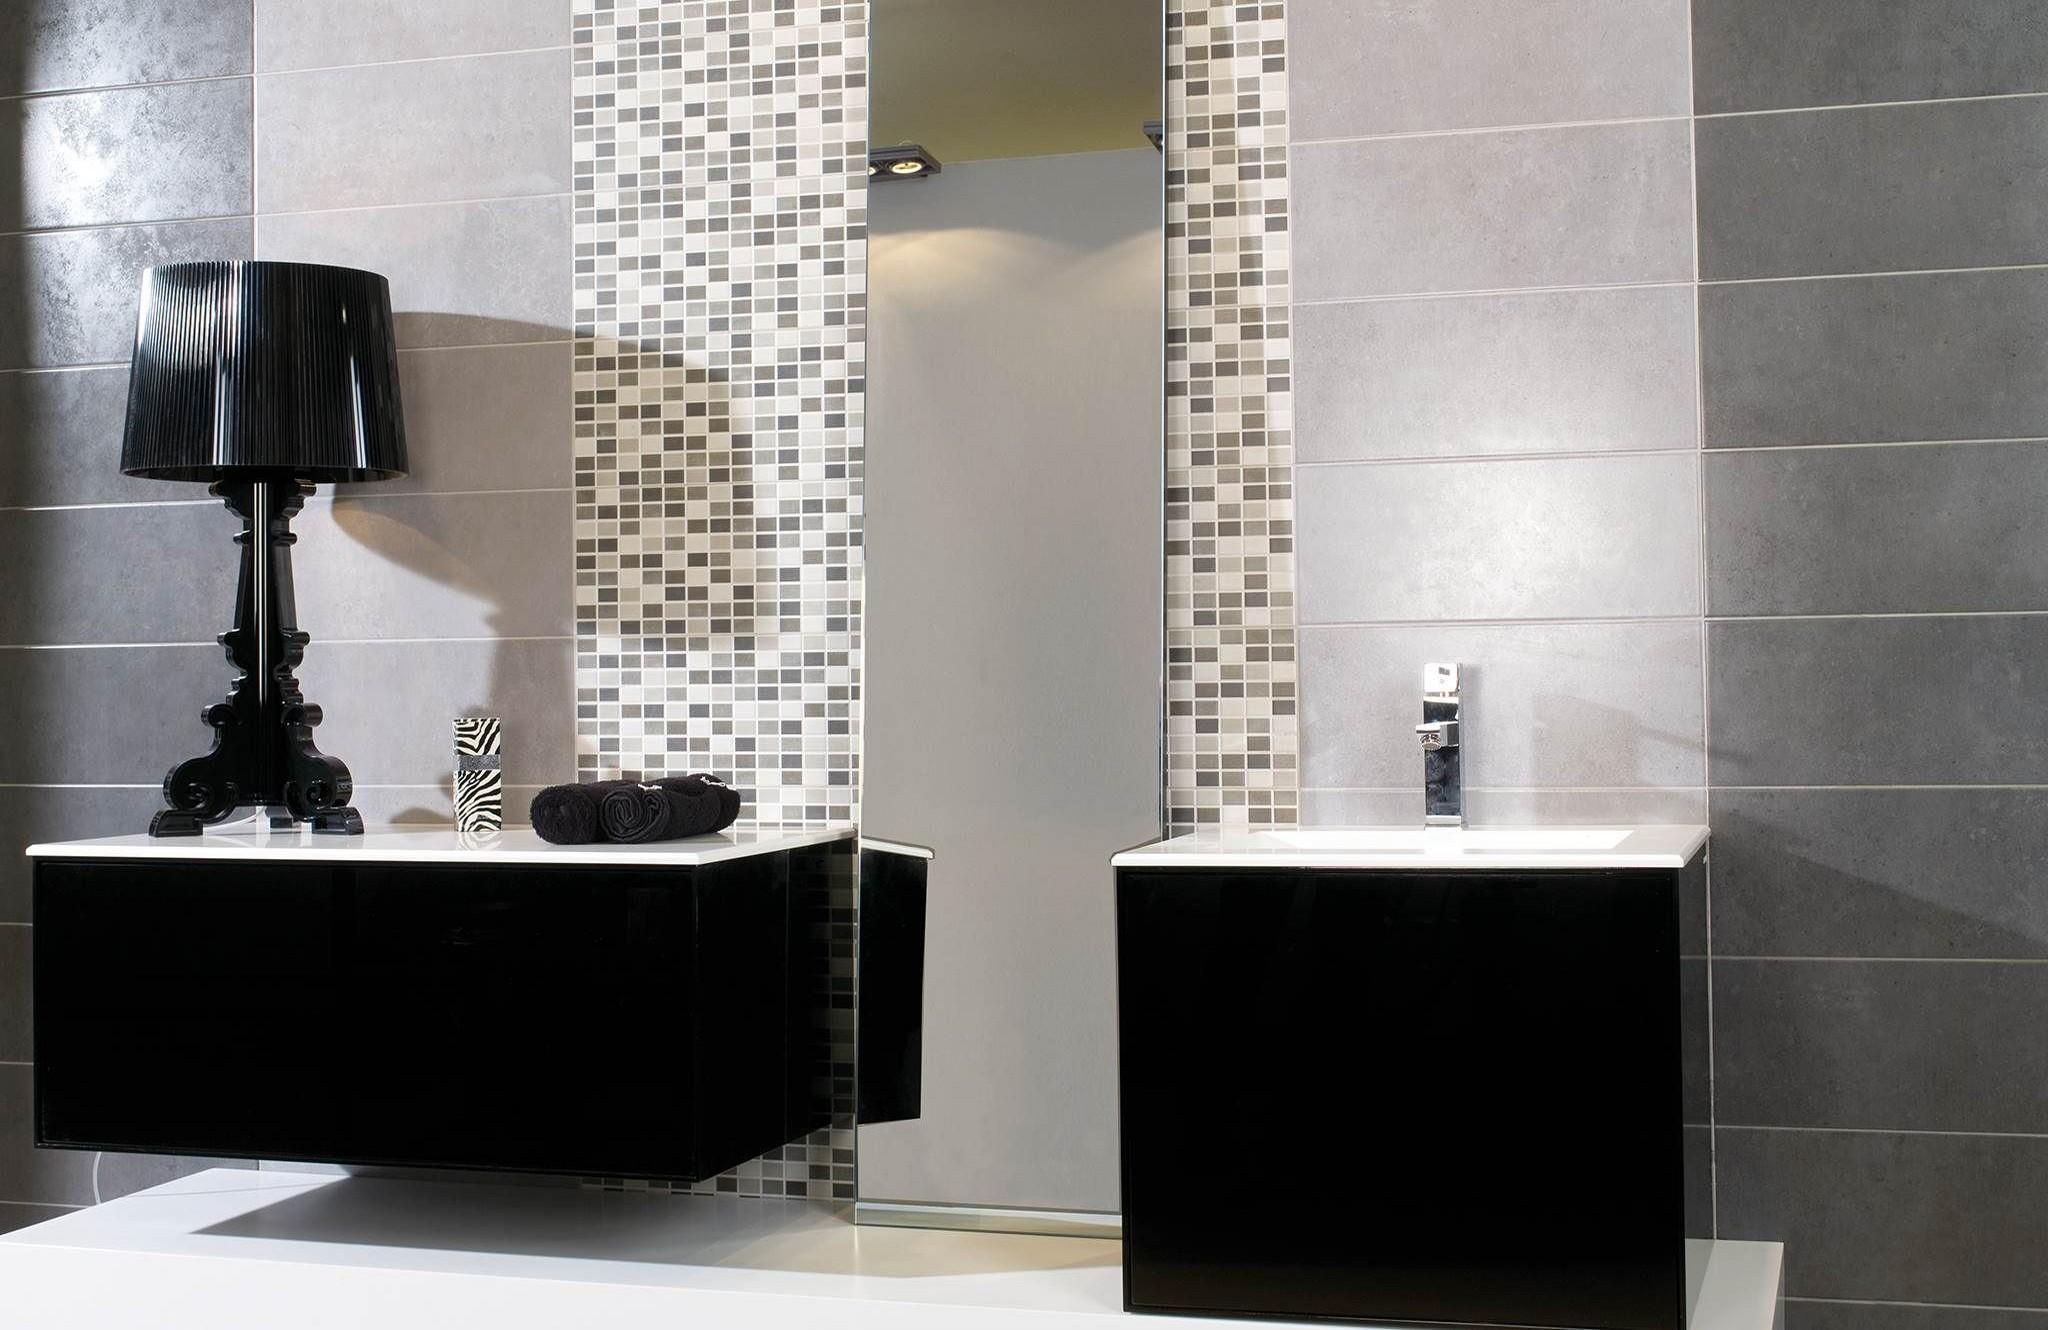 Faience Salle De Bain Moderne Violet : Faience salle de bain cifre serie cement ° choix